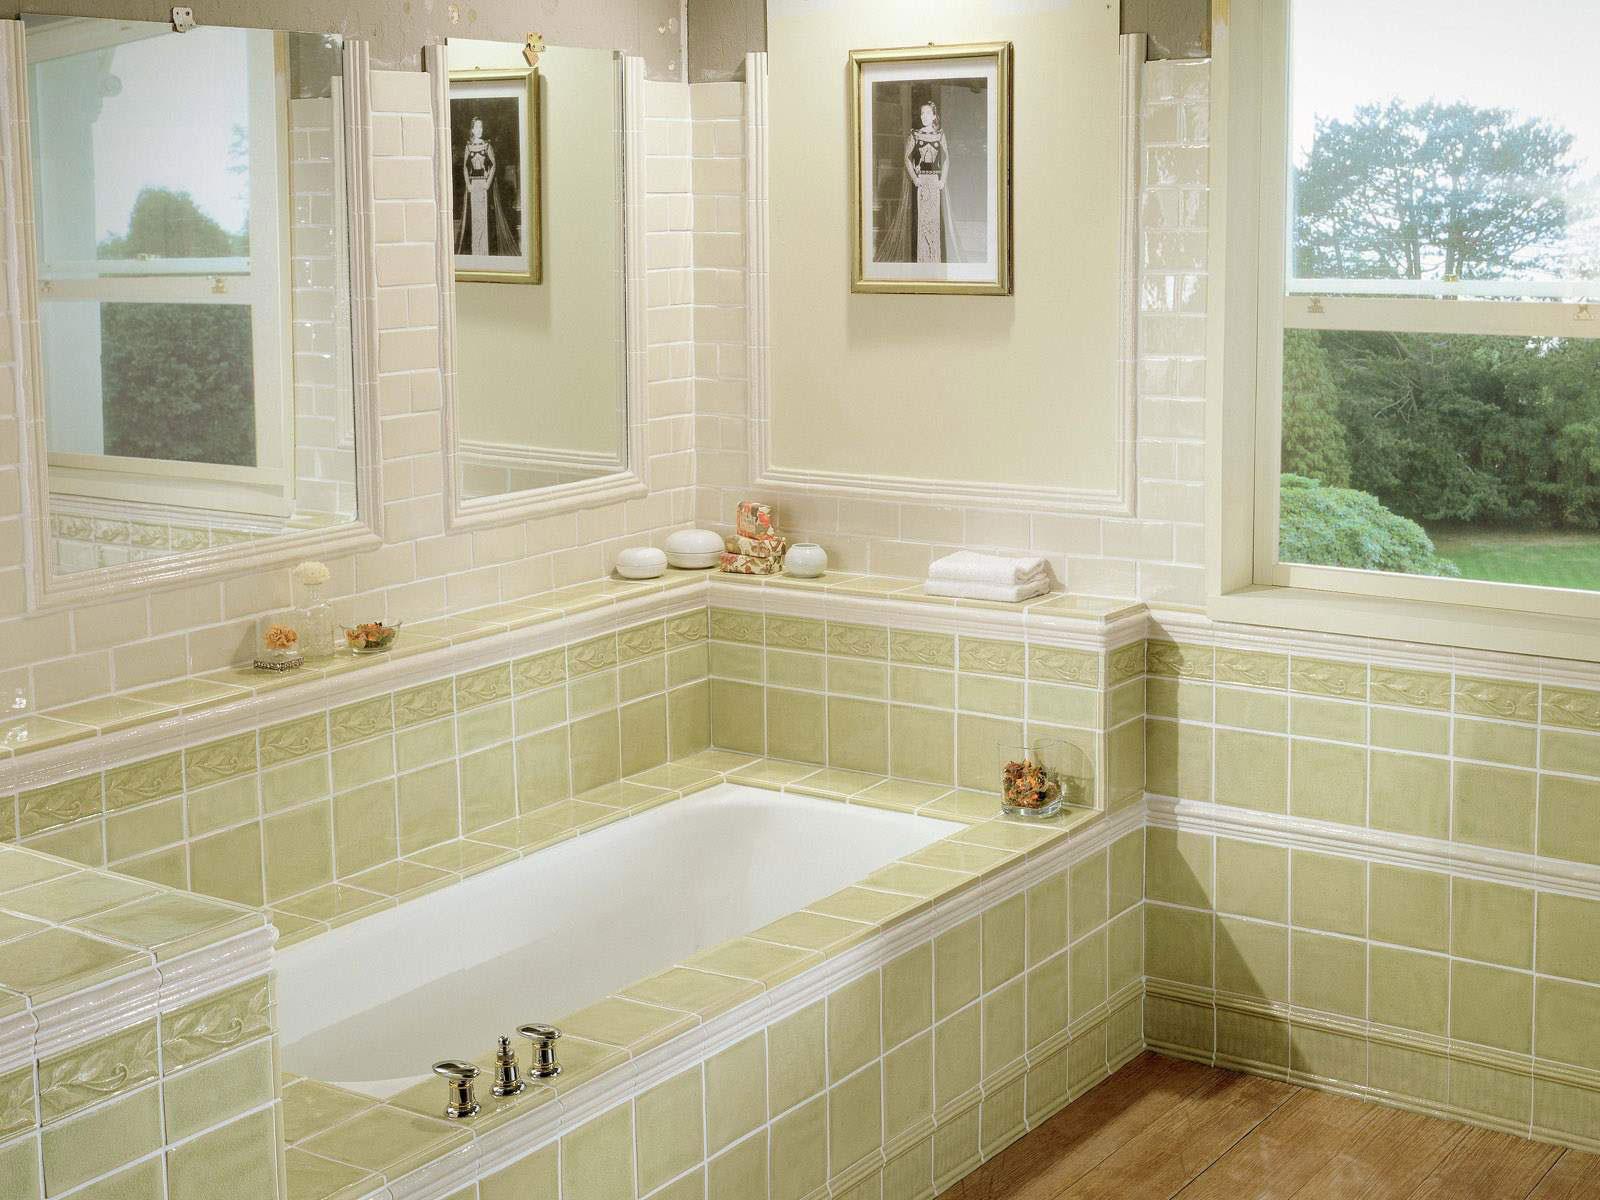 Для создания интерьера, в котором все будет выглядеть гармонично и едино, стоит рассмотреть вариант облицовки ванной